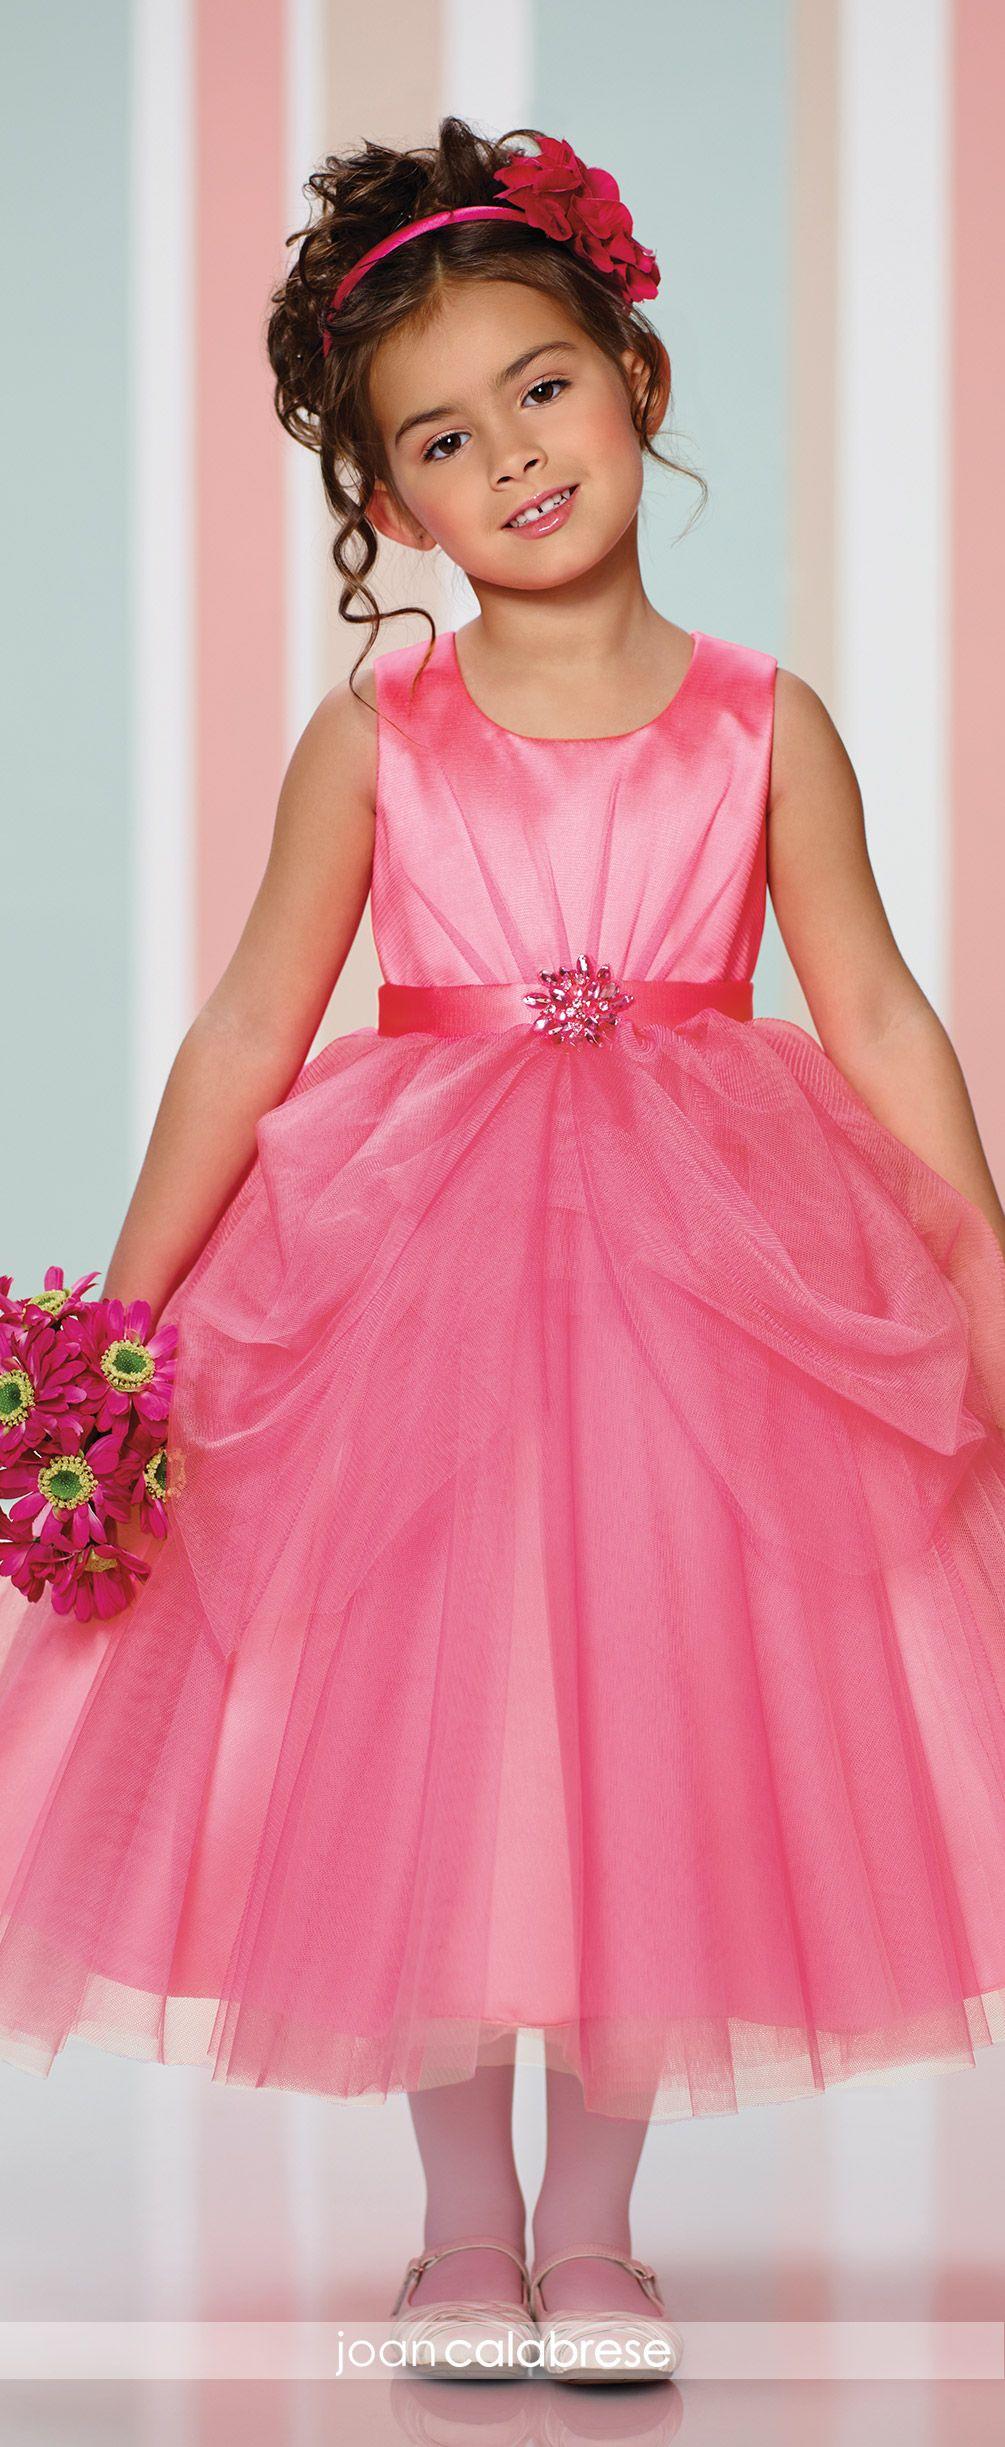 Joan Calabrese Flower Girl Dresses Pinterest Pink Flower Girl